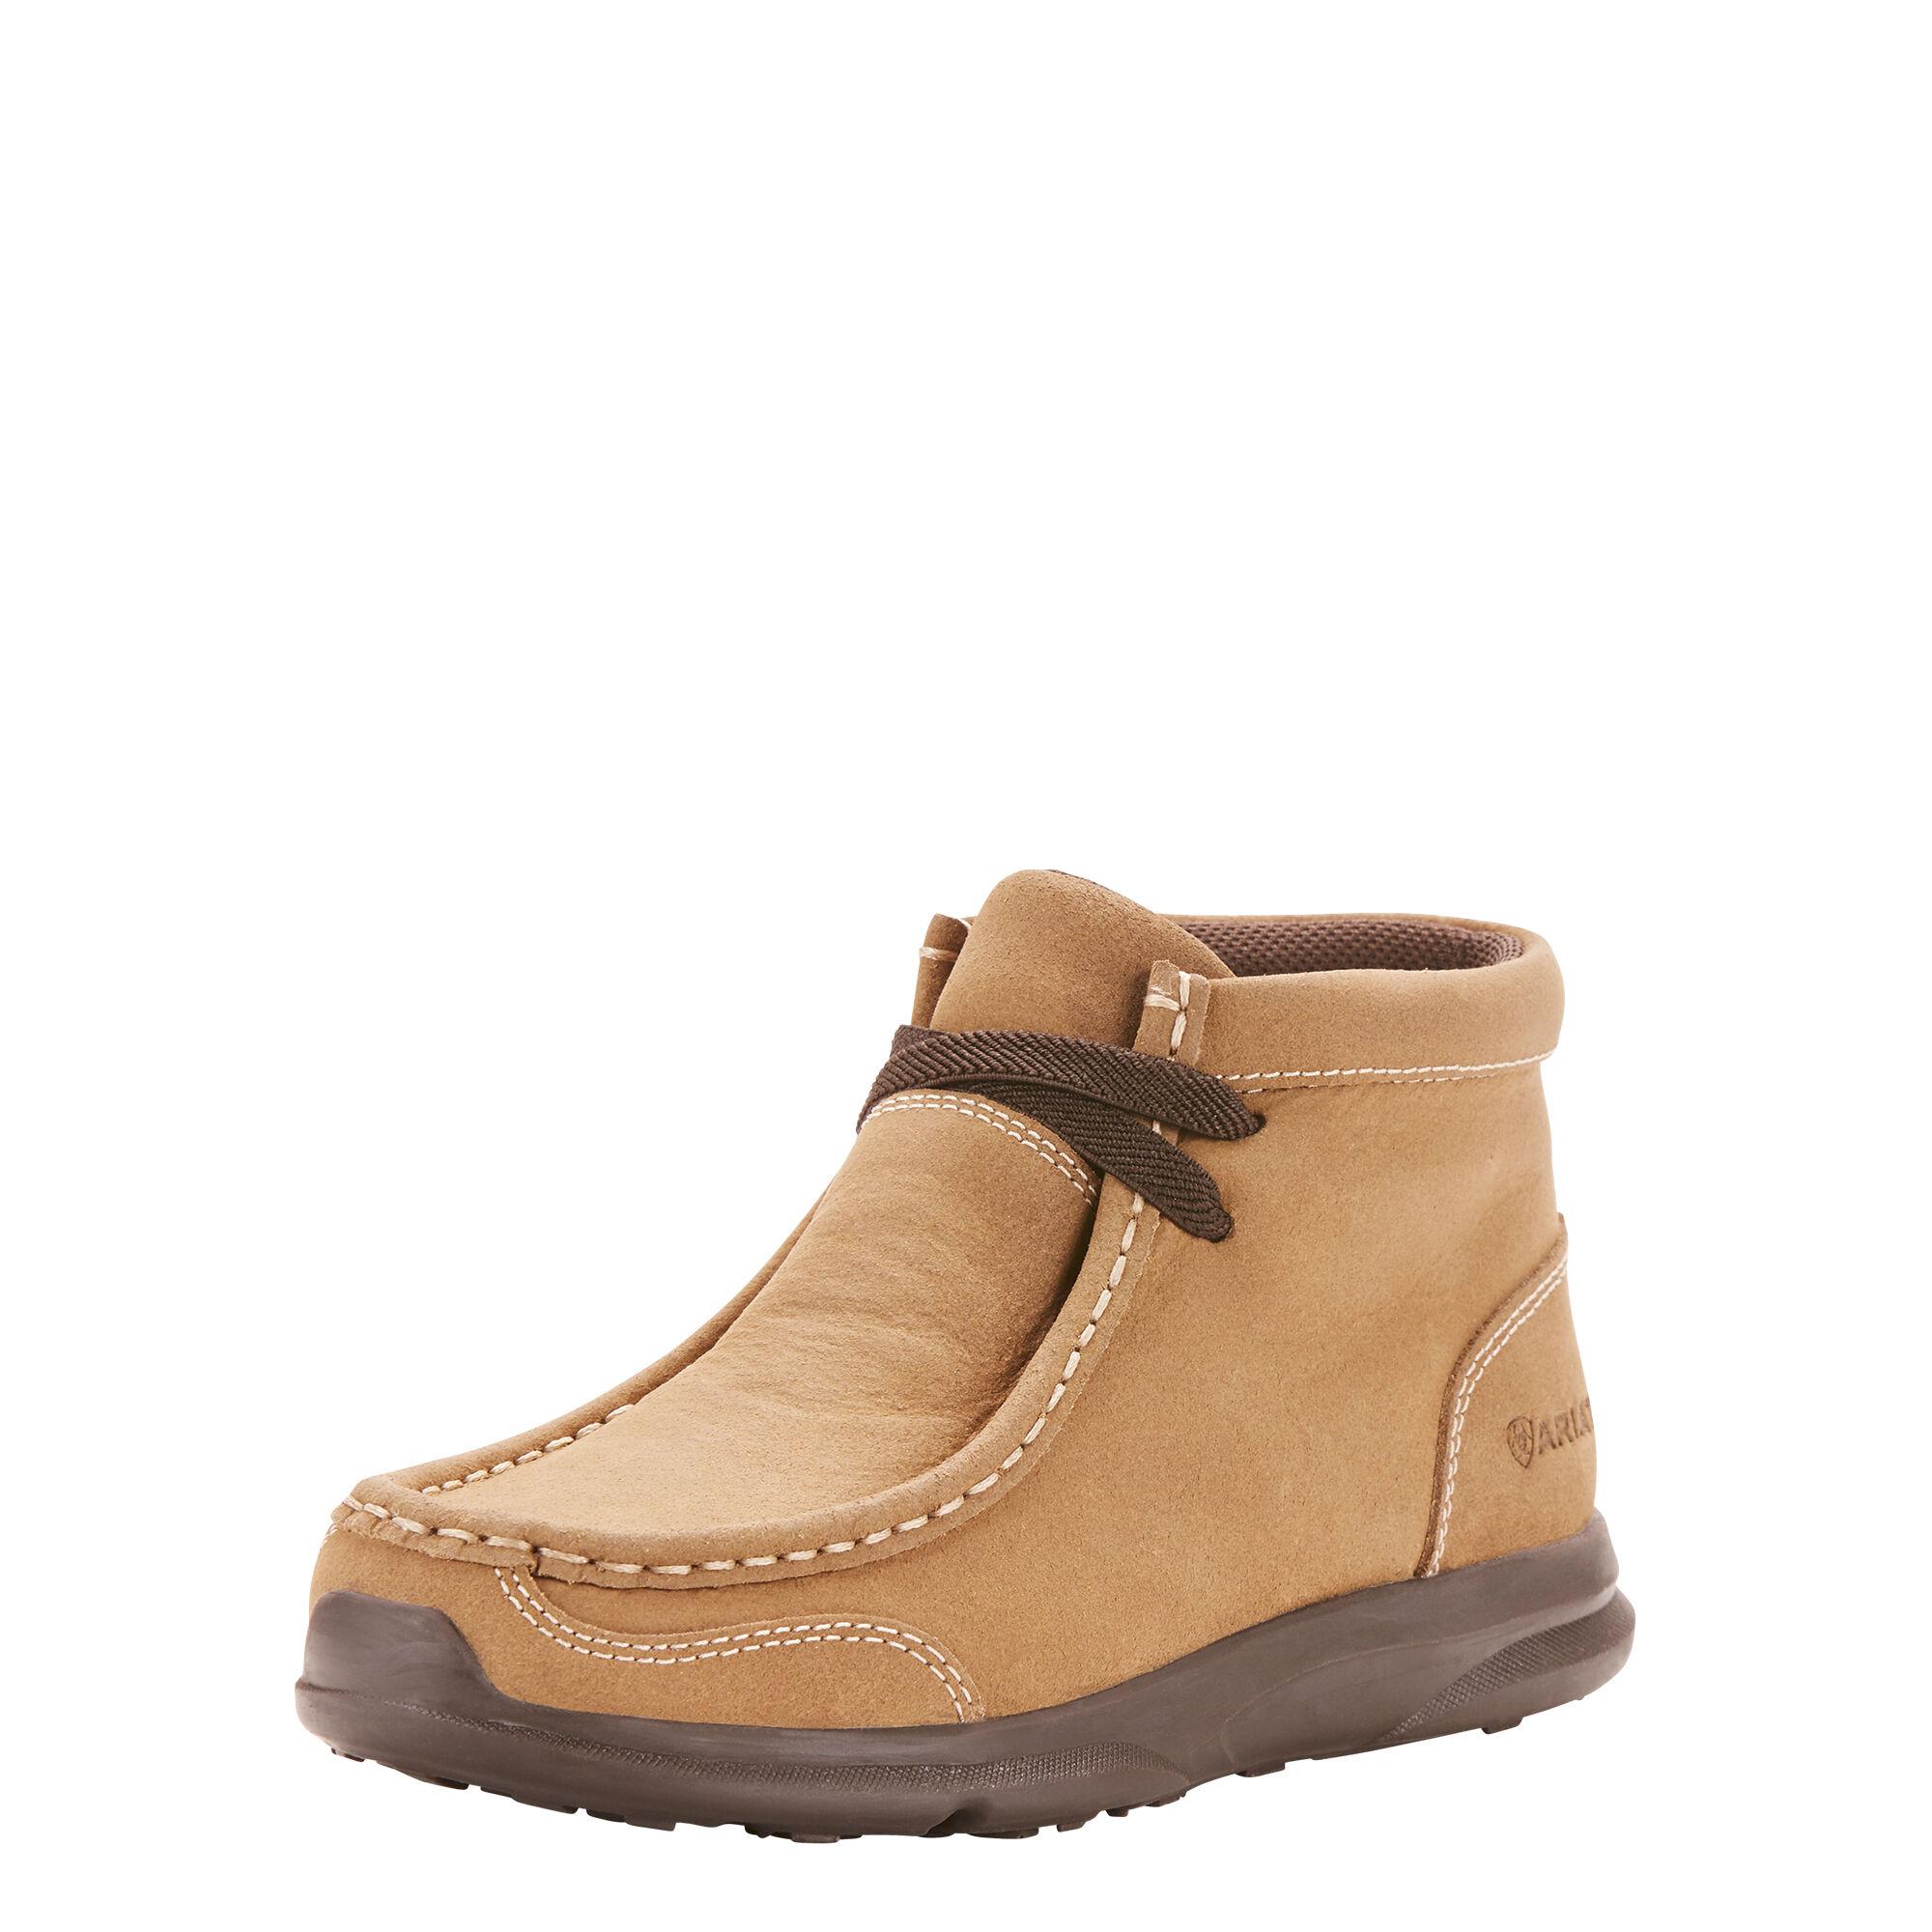 Ariat Boot Cowboy Ariat Ariat Tycoon Western Tycoon Boot Cowboy Tycoon Western Nm0nvw8